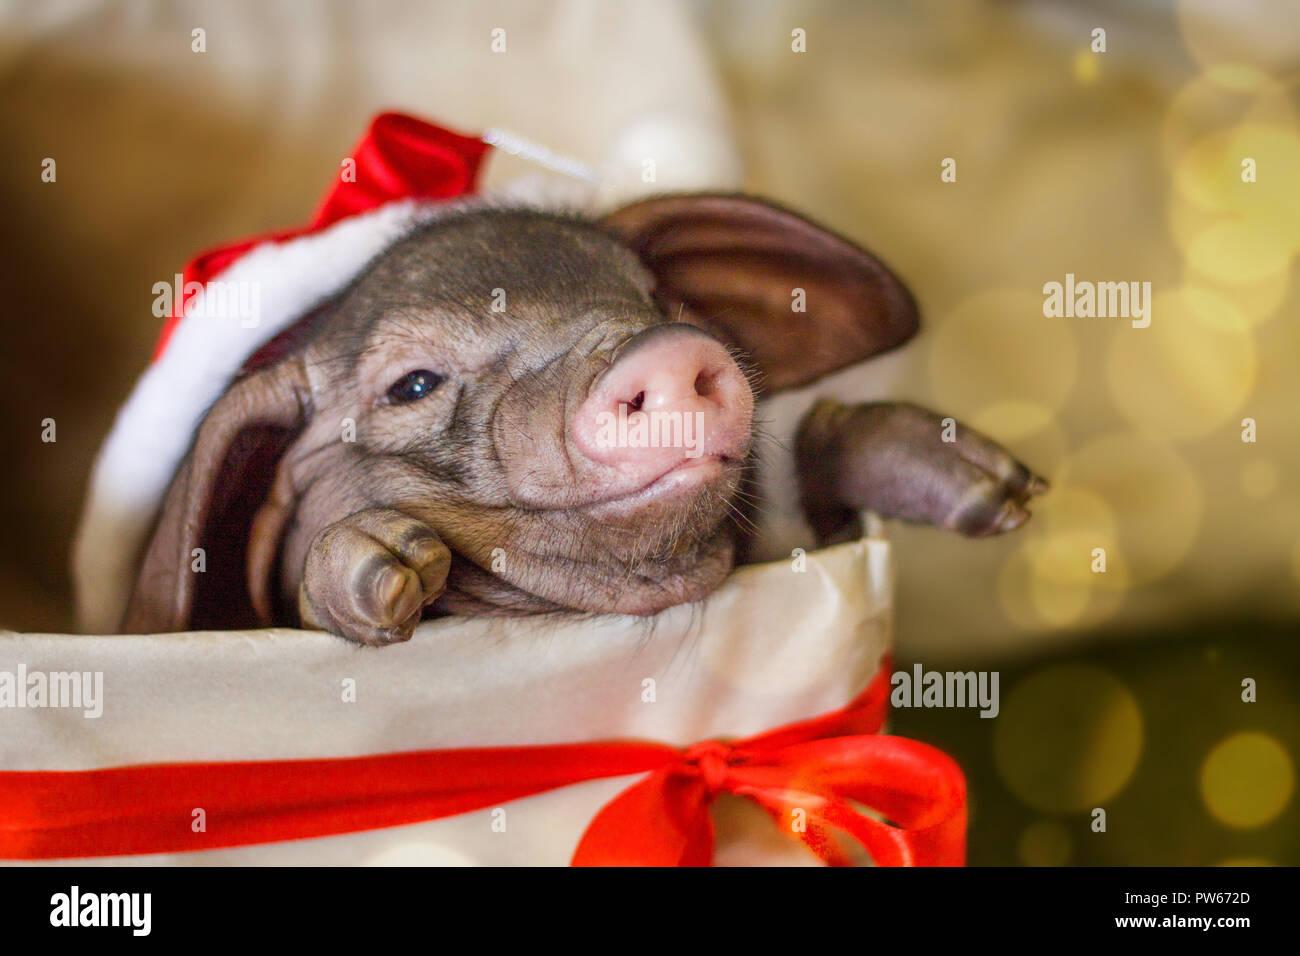 Tarjeta de navidad y año nuevo con lindo recién nacido santa cerdo en caja de regalo. Decoraciones símbolo del año calendario chino. abeto en segundo plano. Holid Imagen De Stock